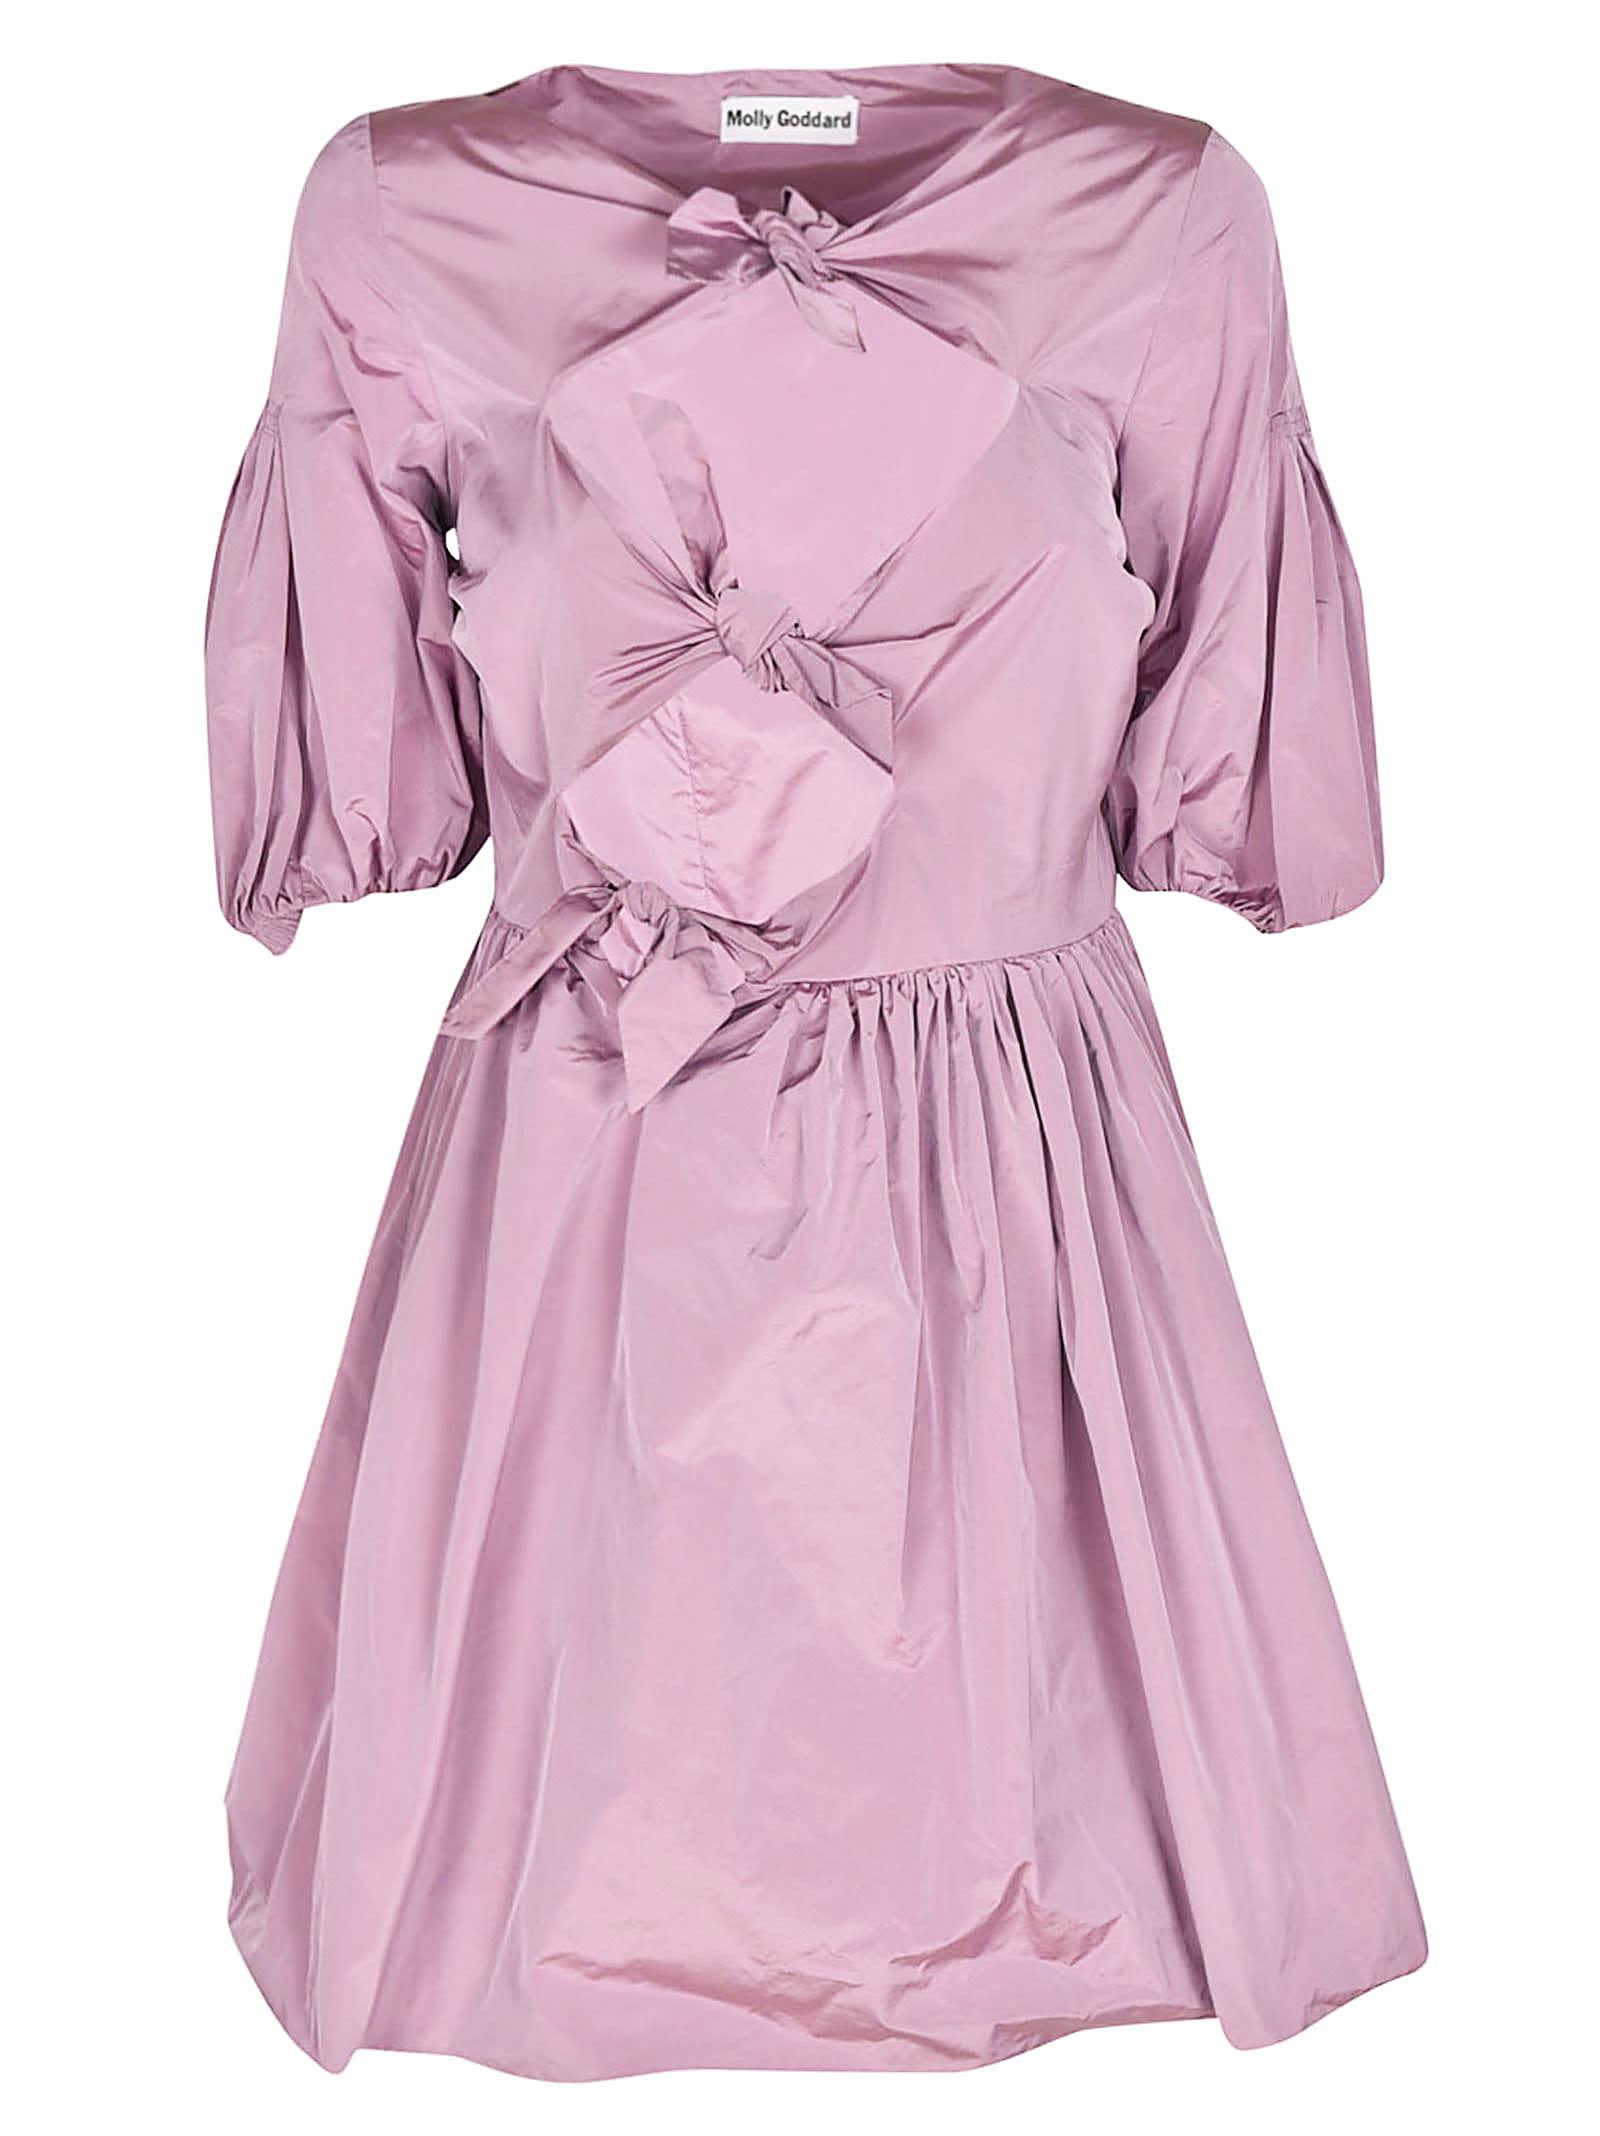 Molly Goddard Cut Out Dress